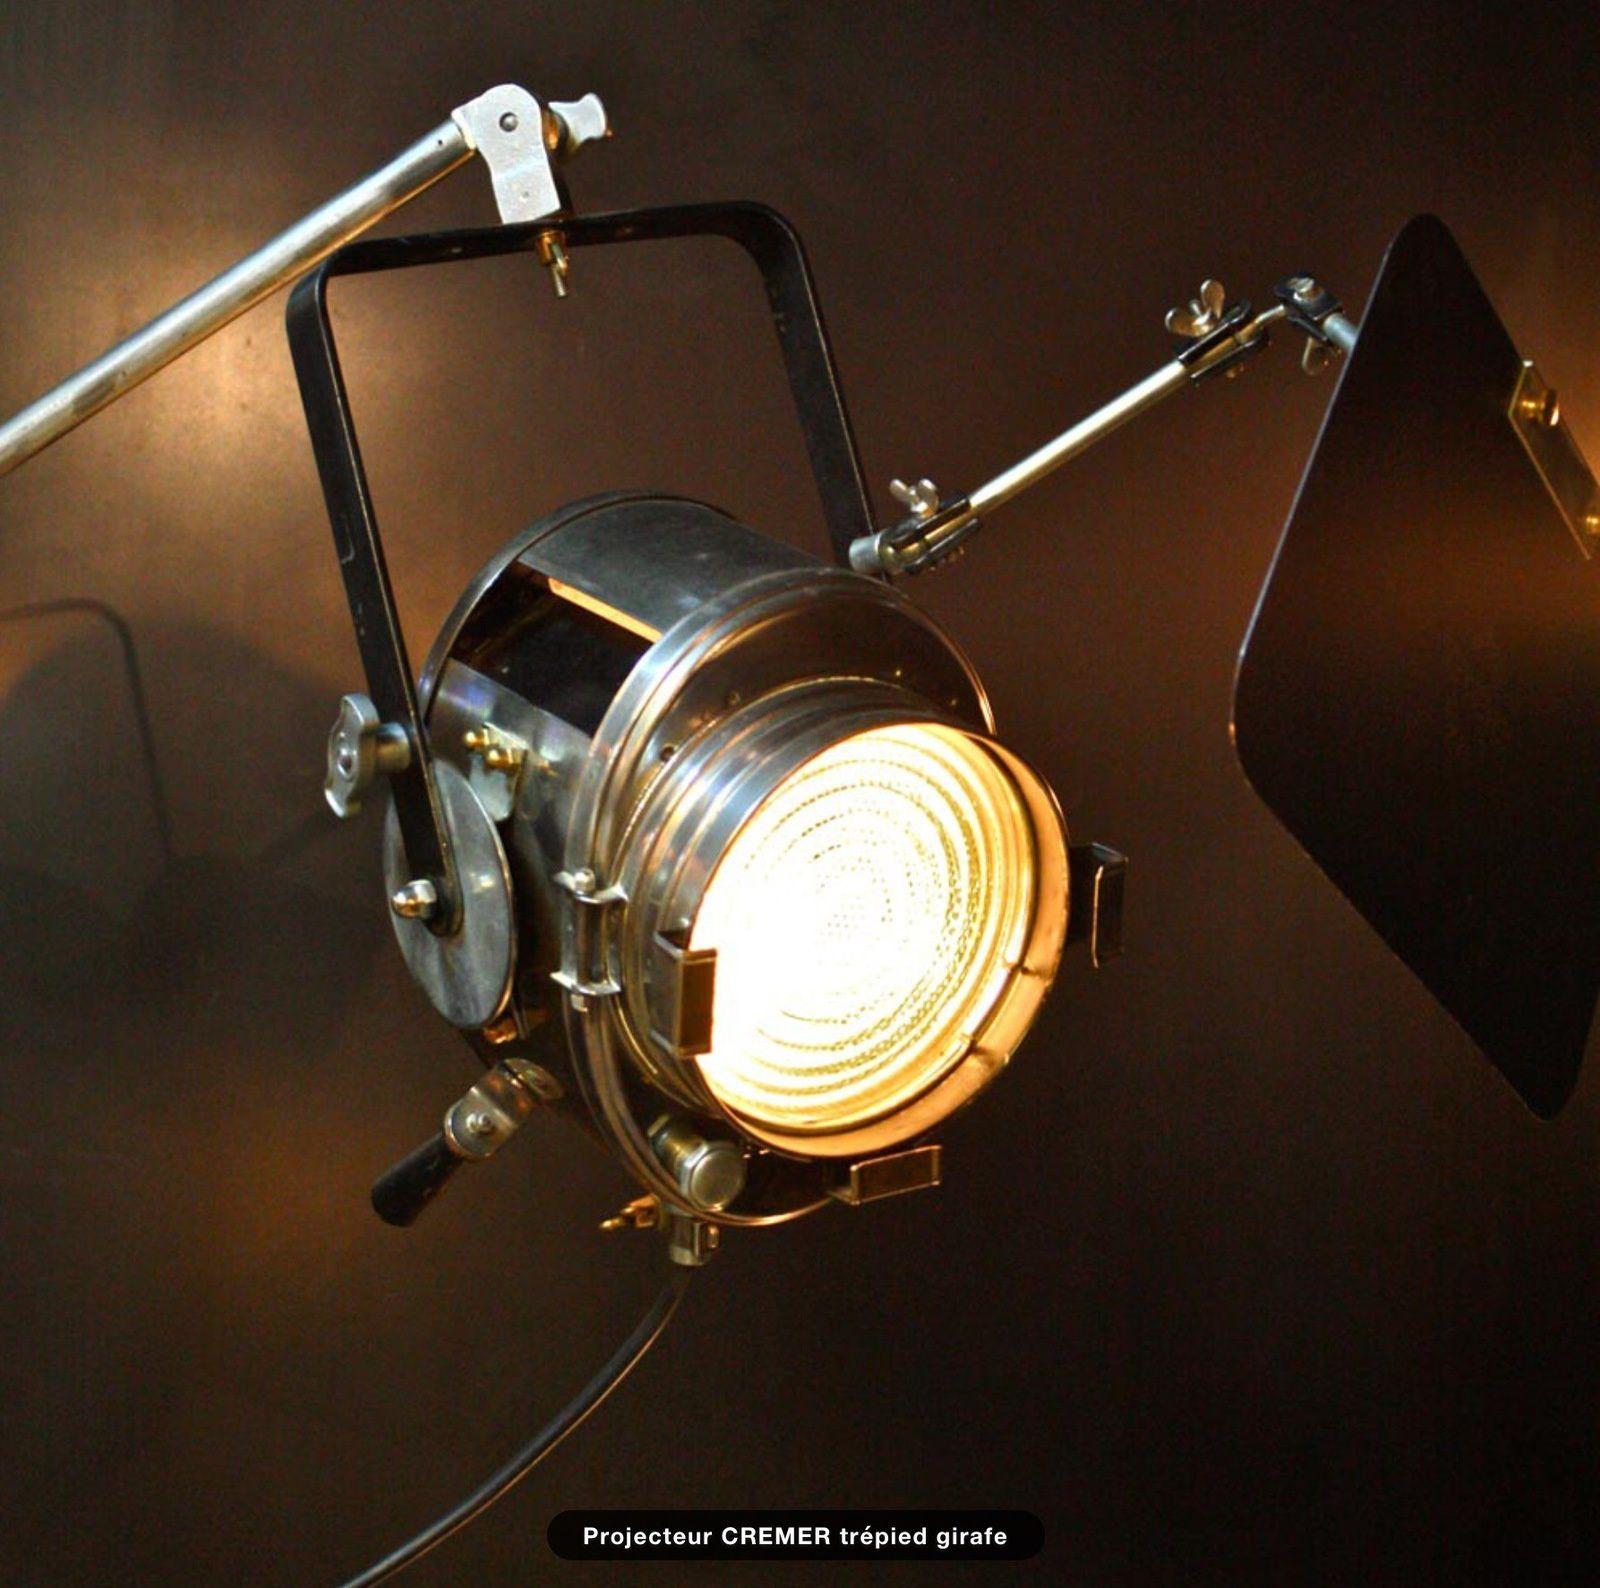 Projecteur Cremer 500w